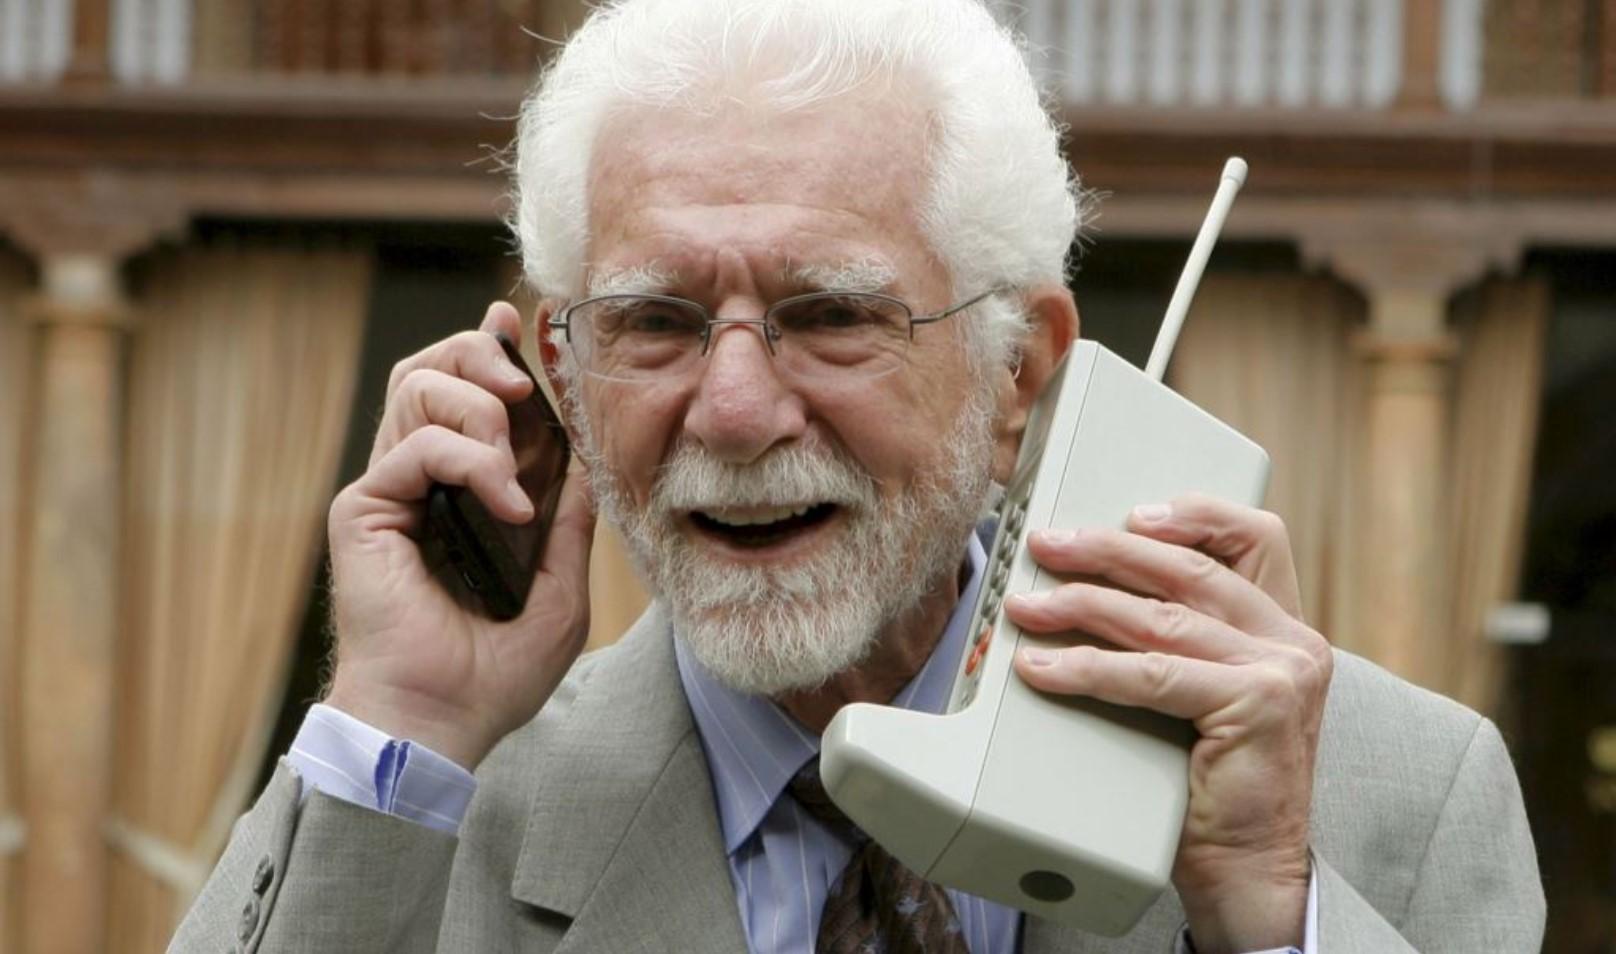 Marftin Cooper - O inventor do telefone celular.